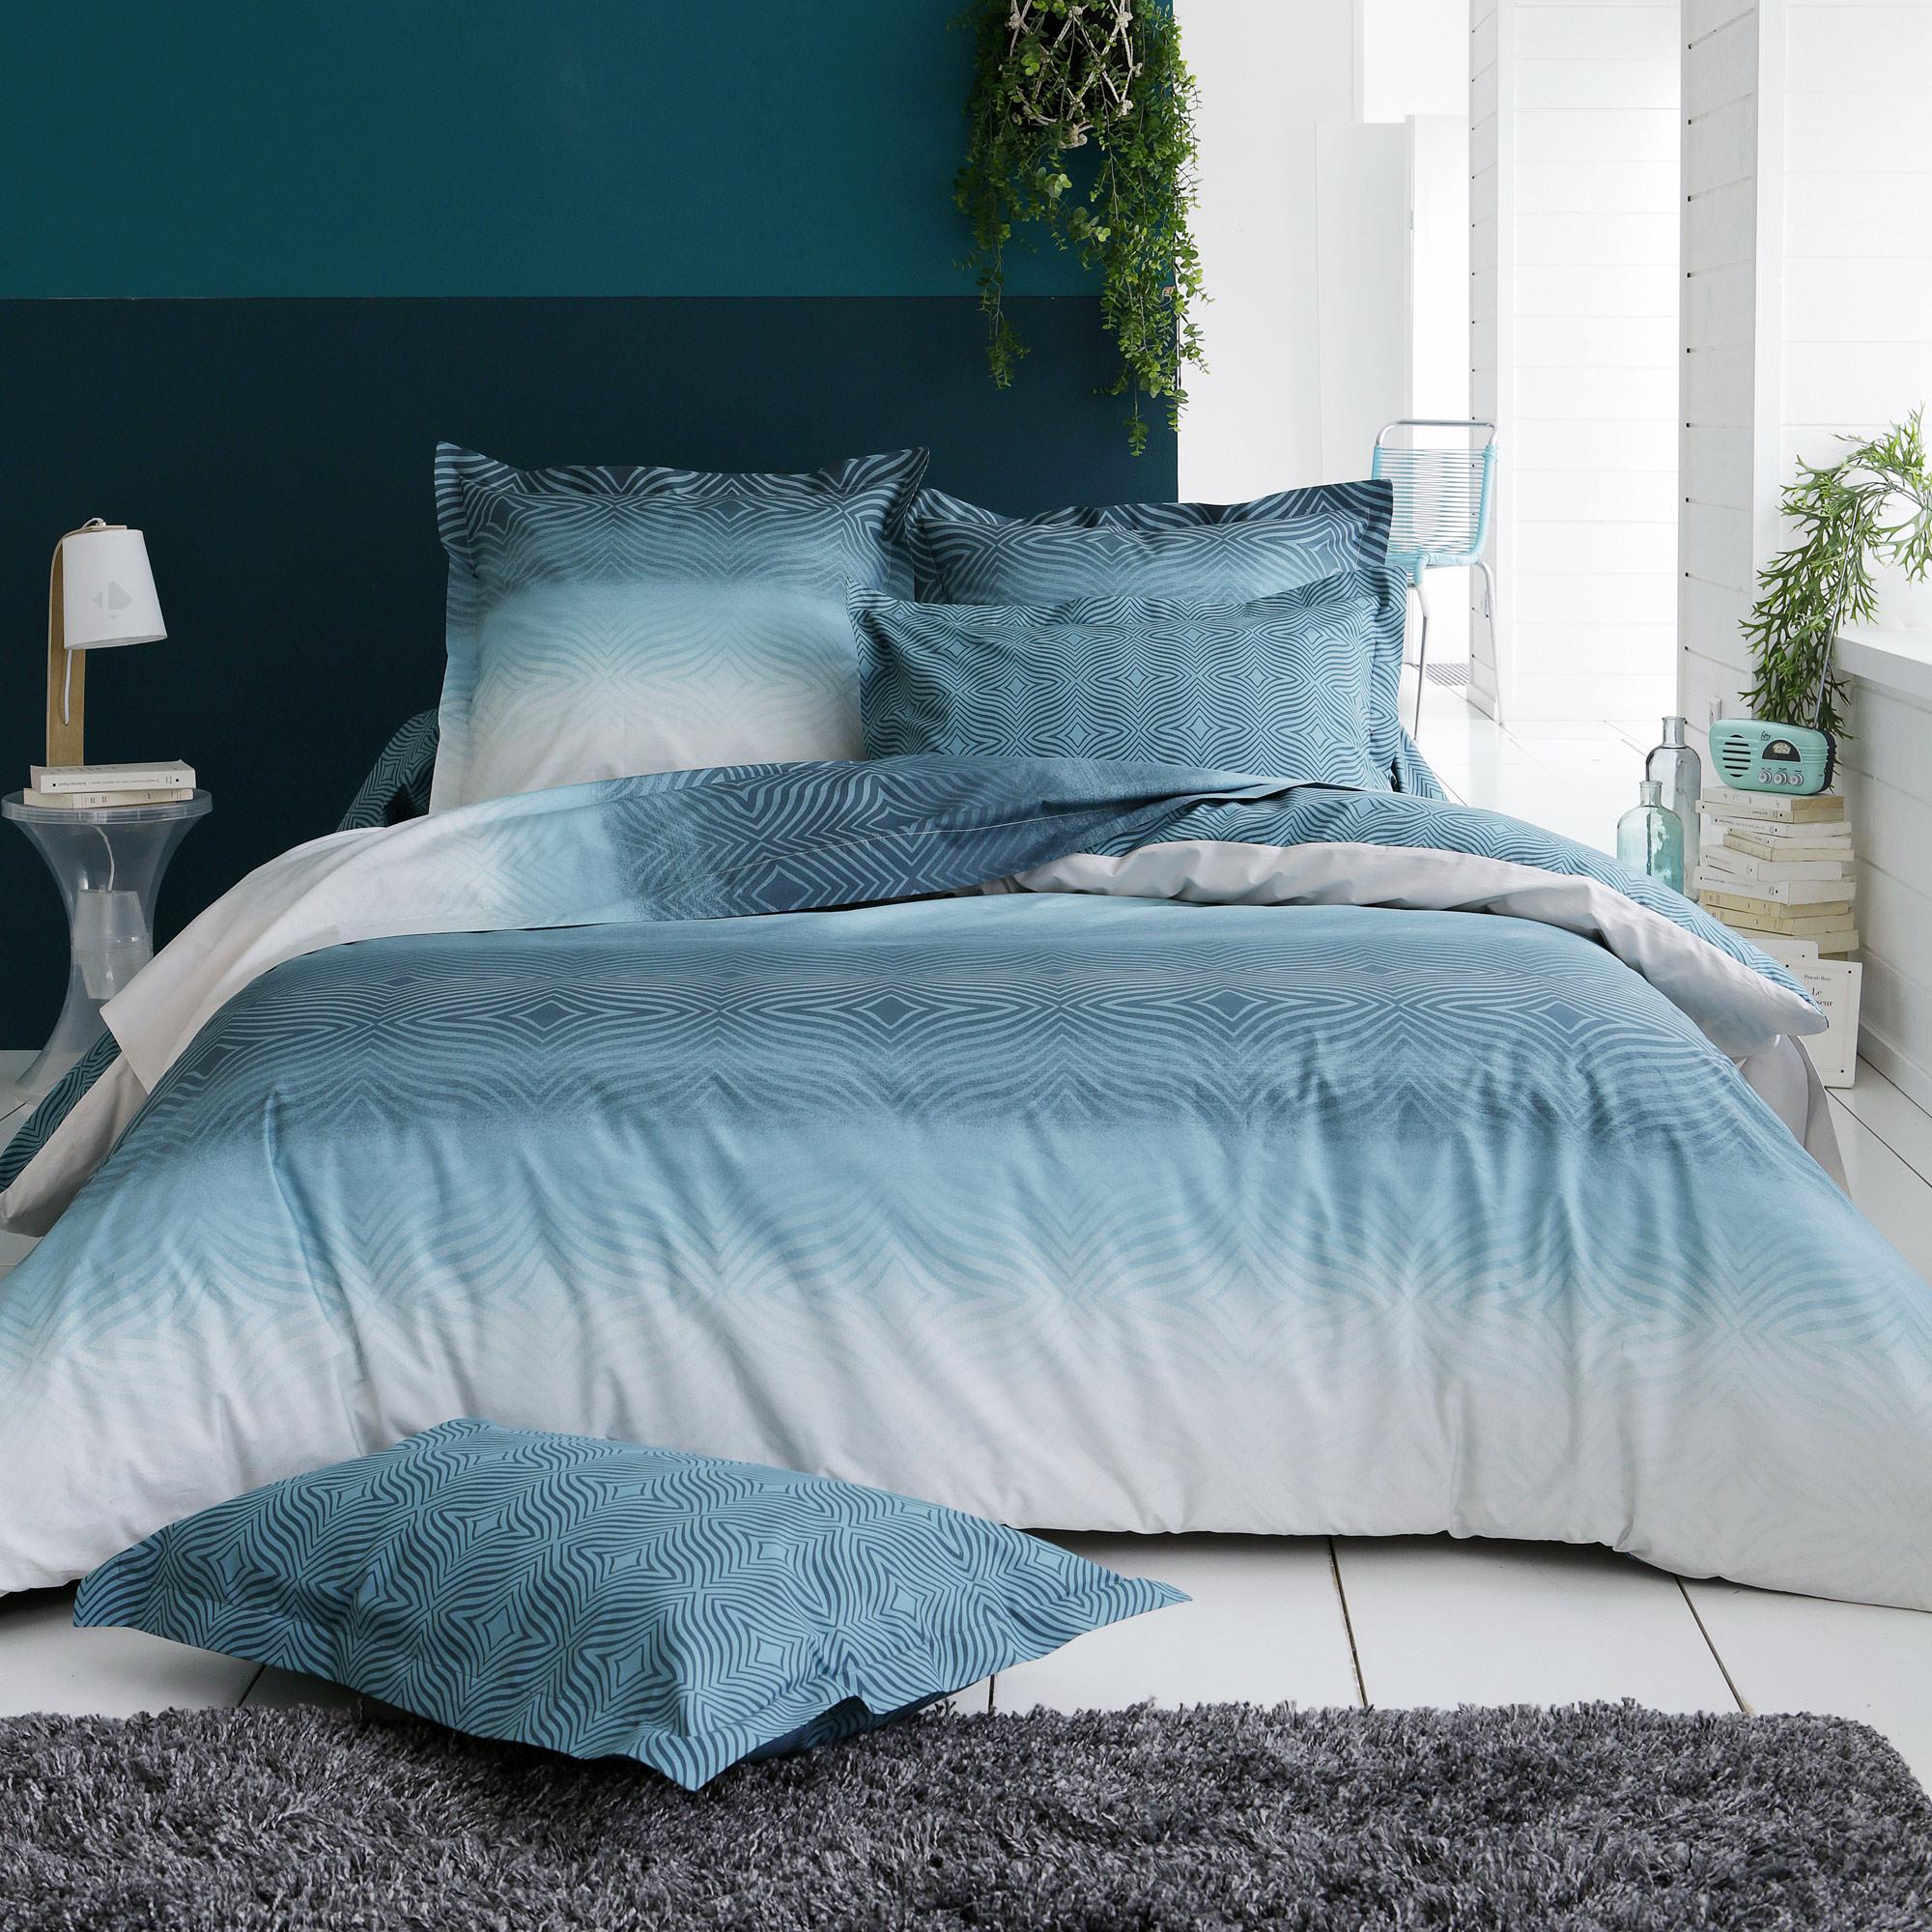 Linnea Housse de couette 140x200 cm Percale 100% coton JAMES bleu Azur